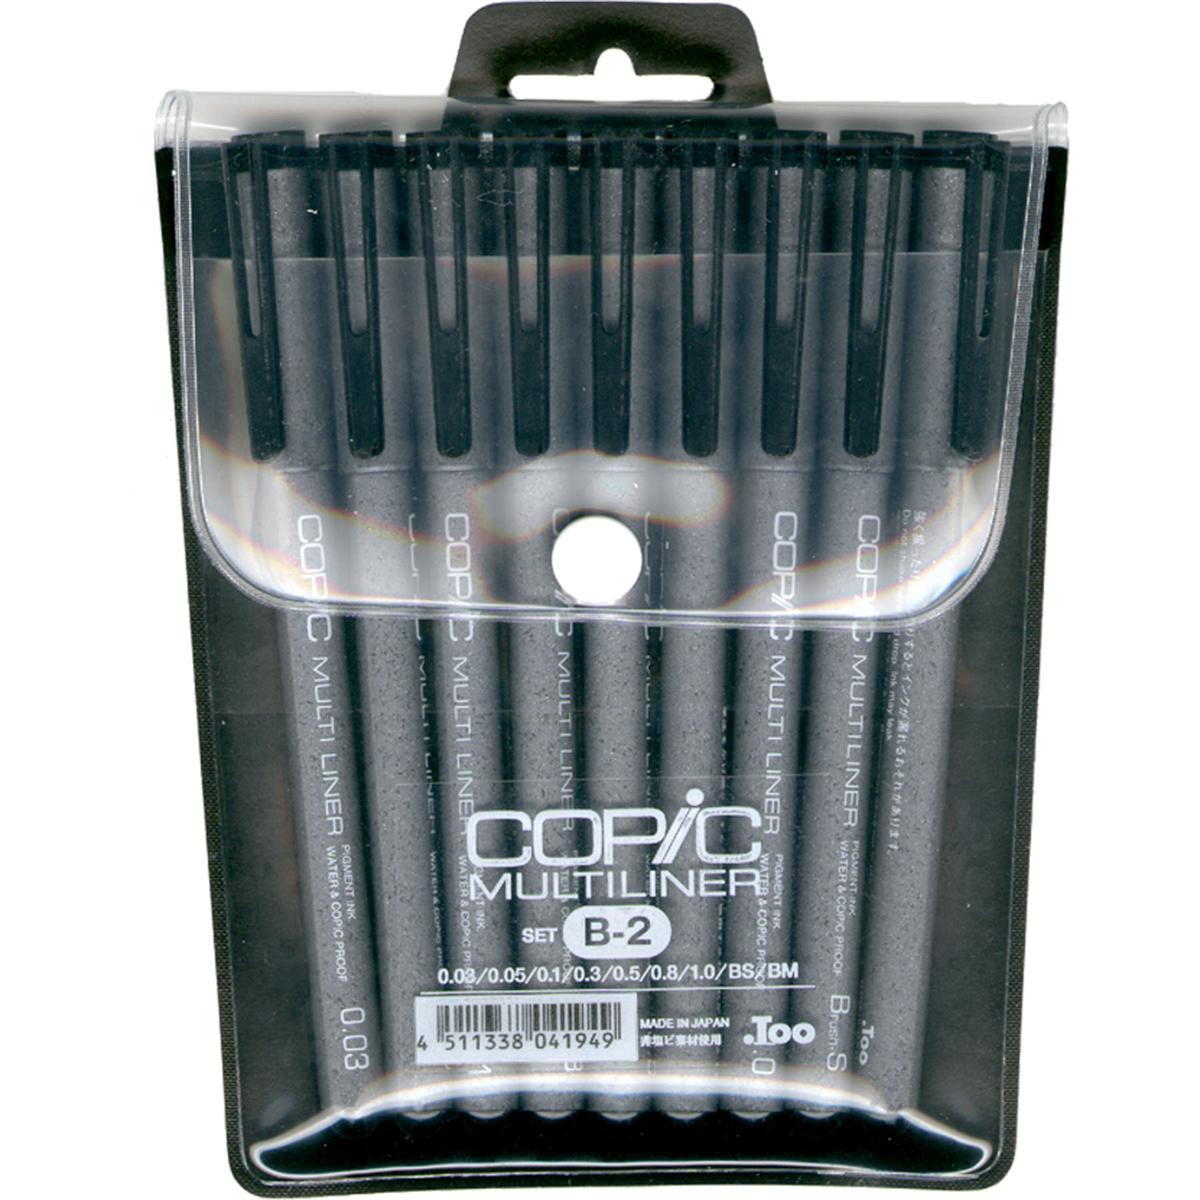 Copic Multiliner Black Ink Pens 9/Pkg-Set B-2